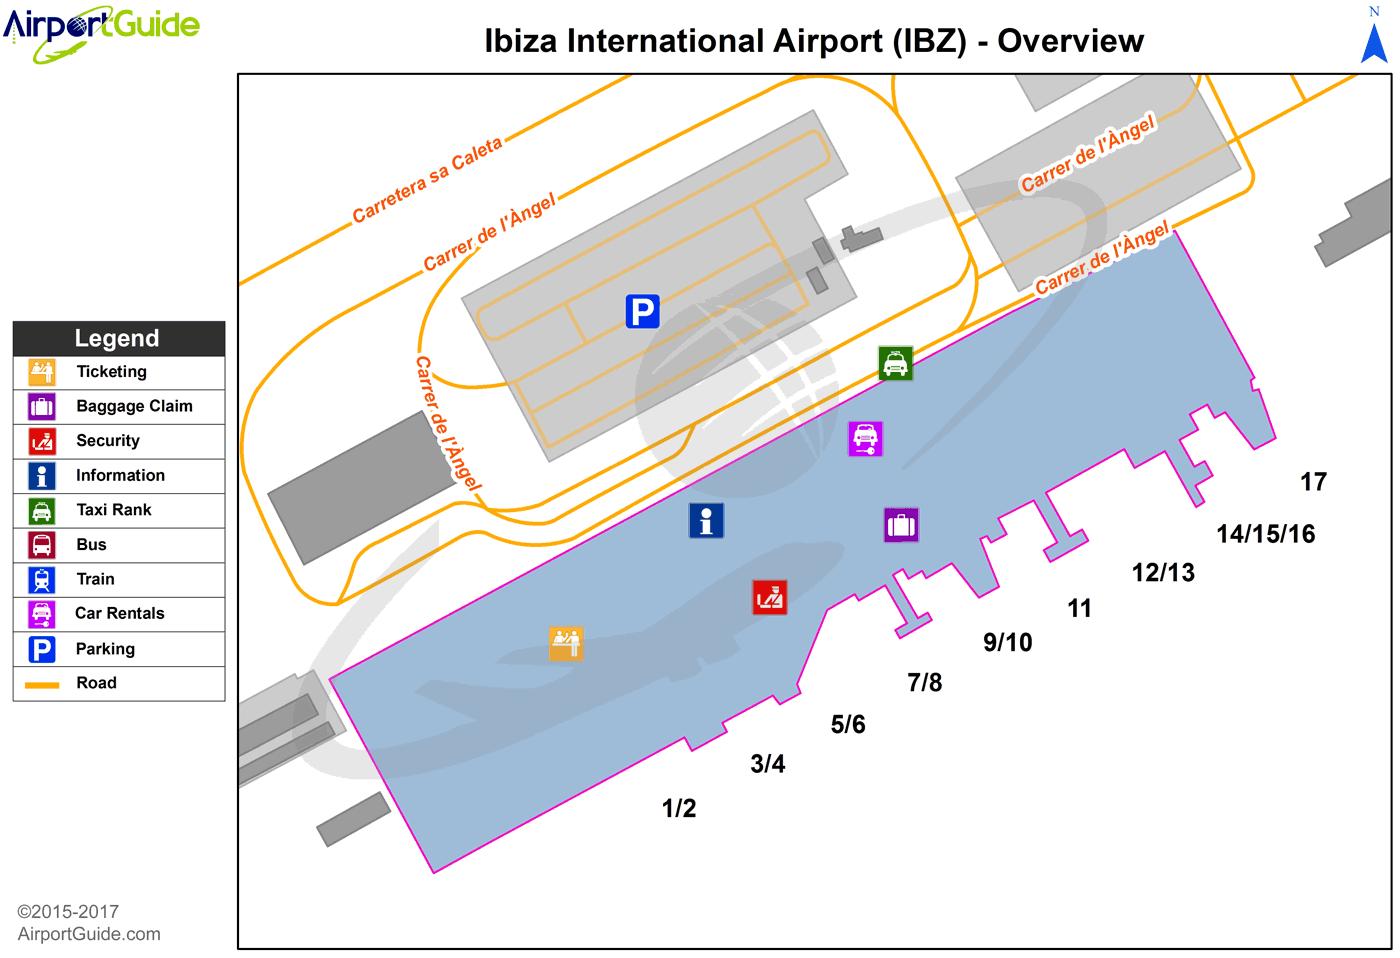 ibiza airport map